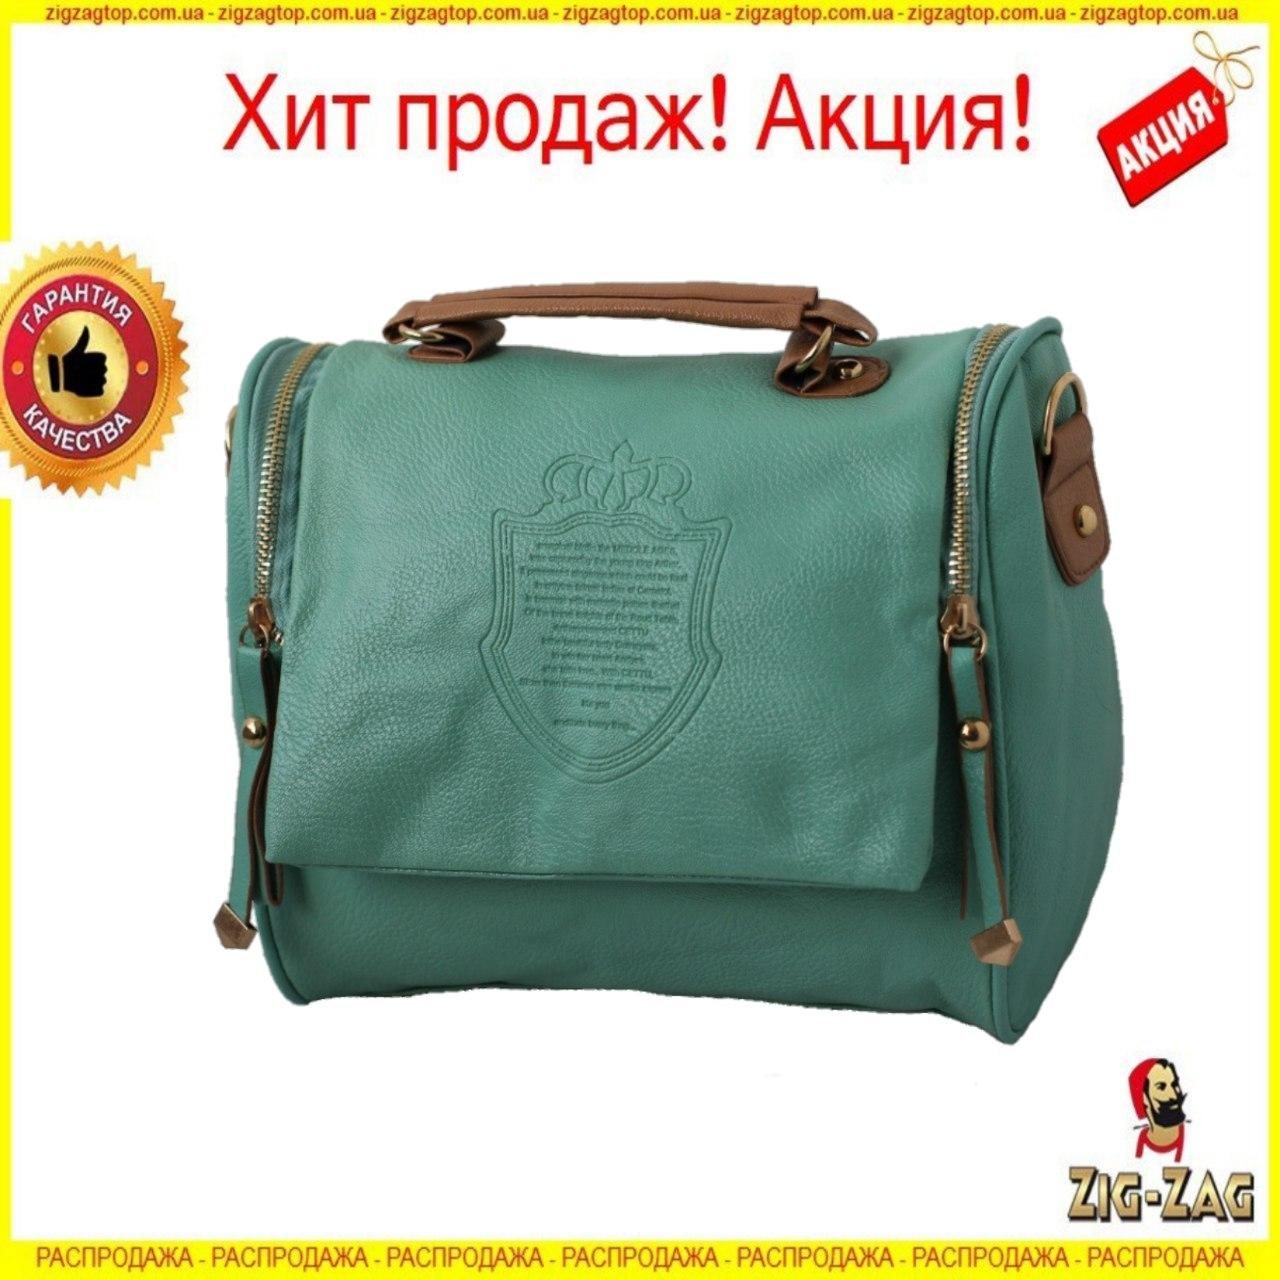 Универсальная Винтажная Стильна женская сумка кожа PU небольшая Один из лучших подарков 100% КАЧЕСТВО NEW!